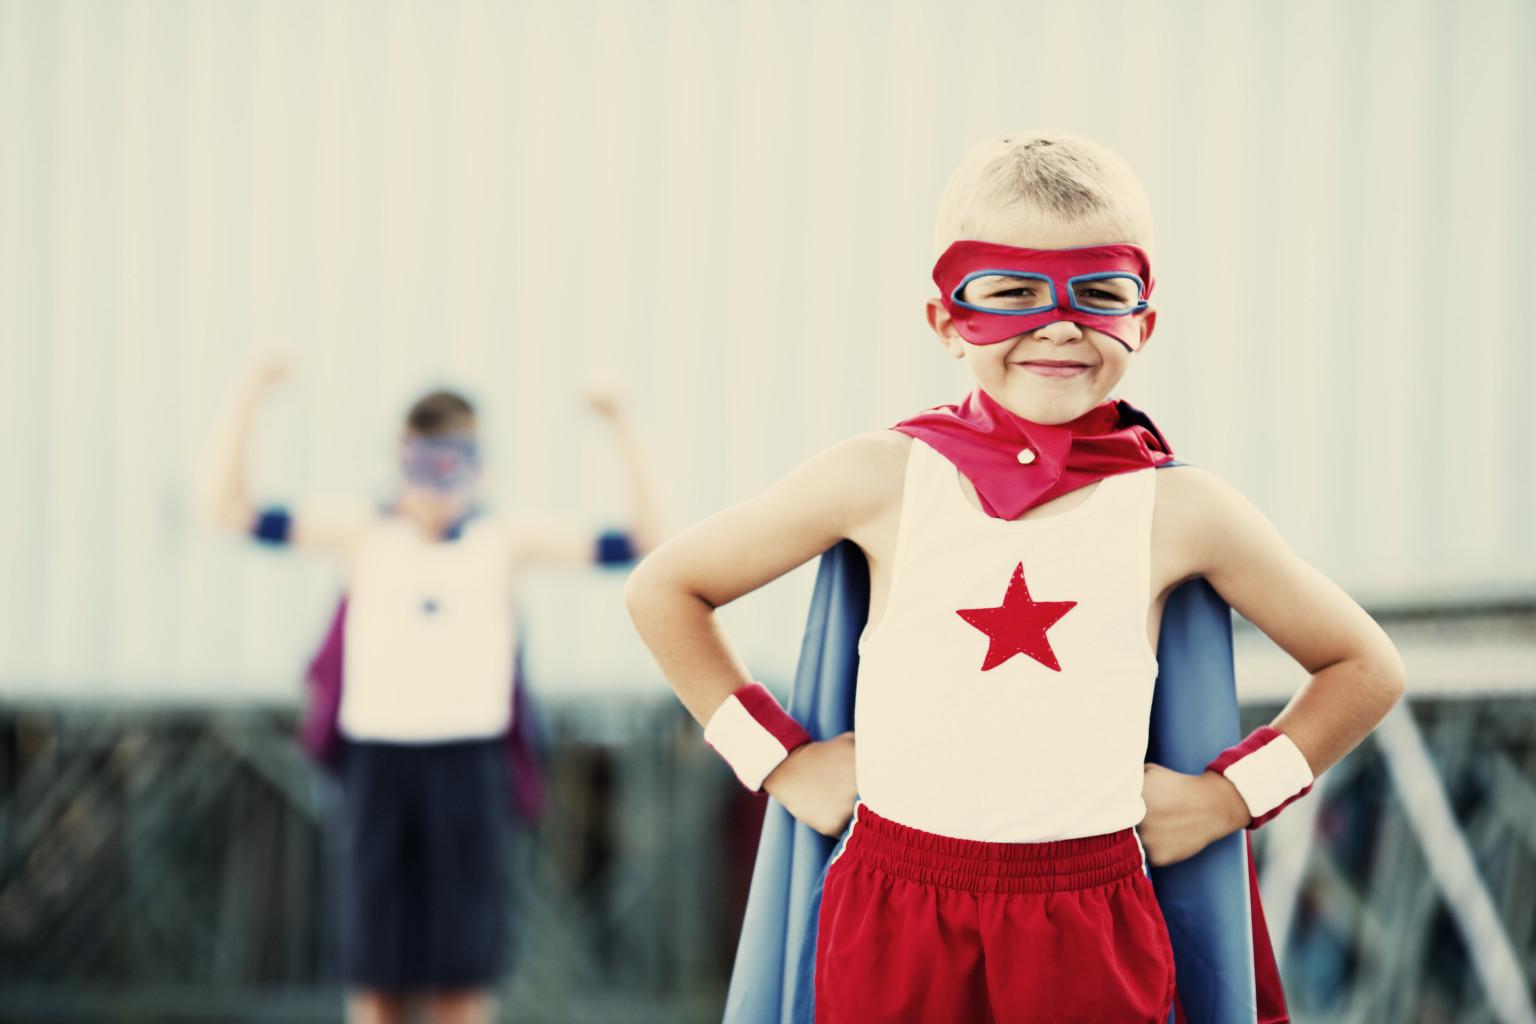 Superhero kid1